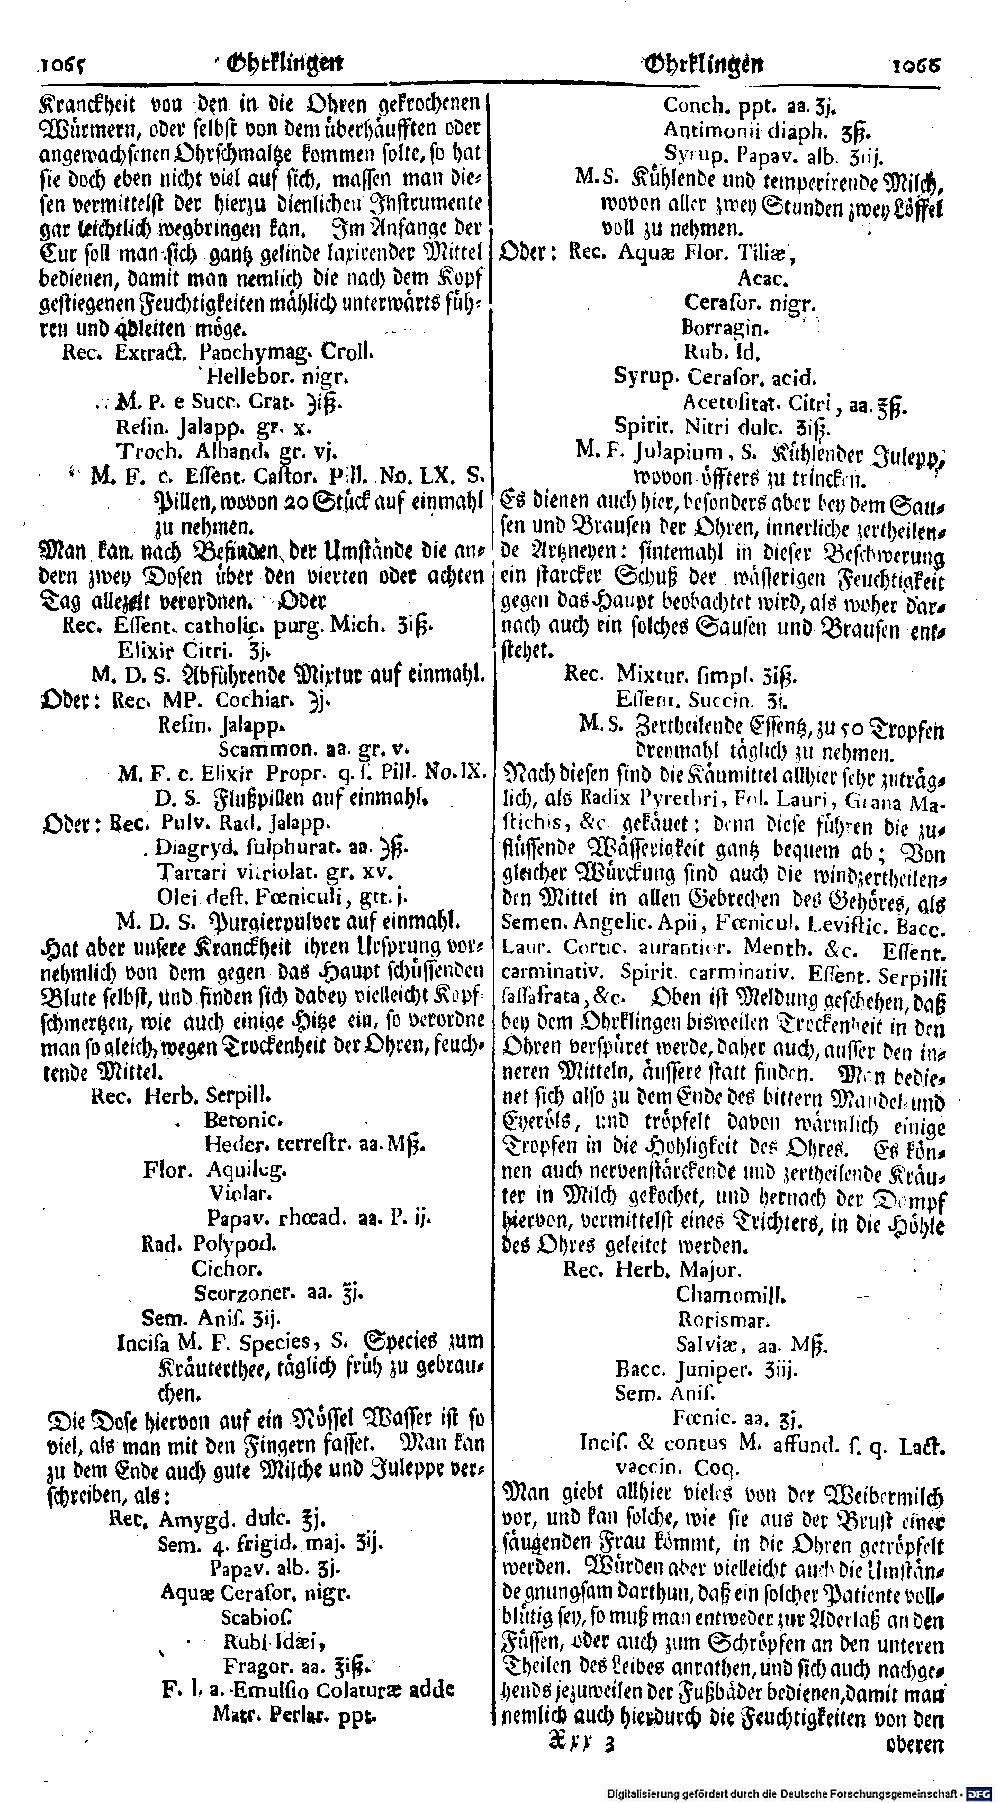 Bd. 25, Seite 0546.